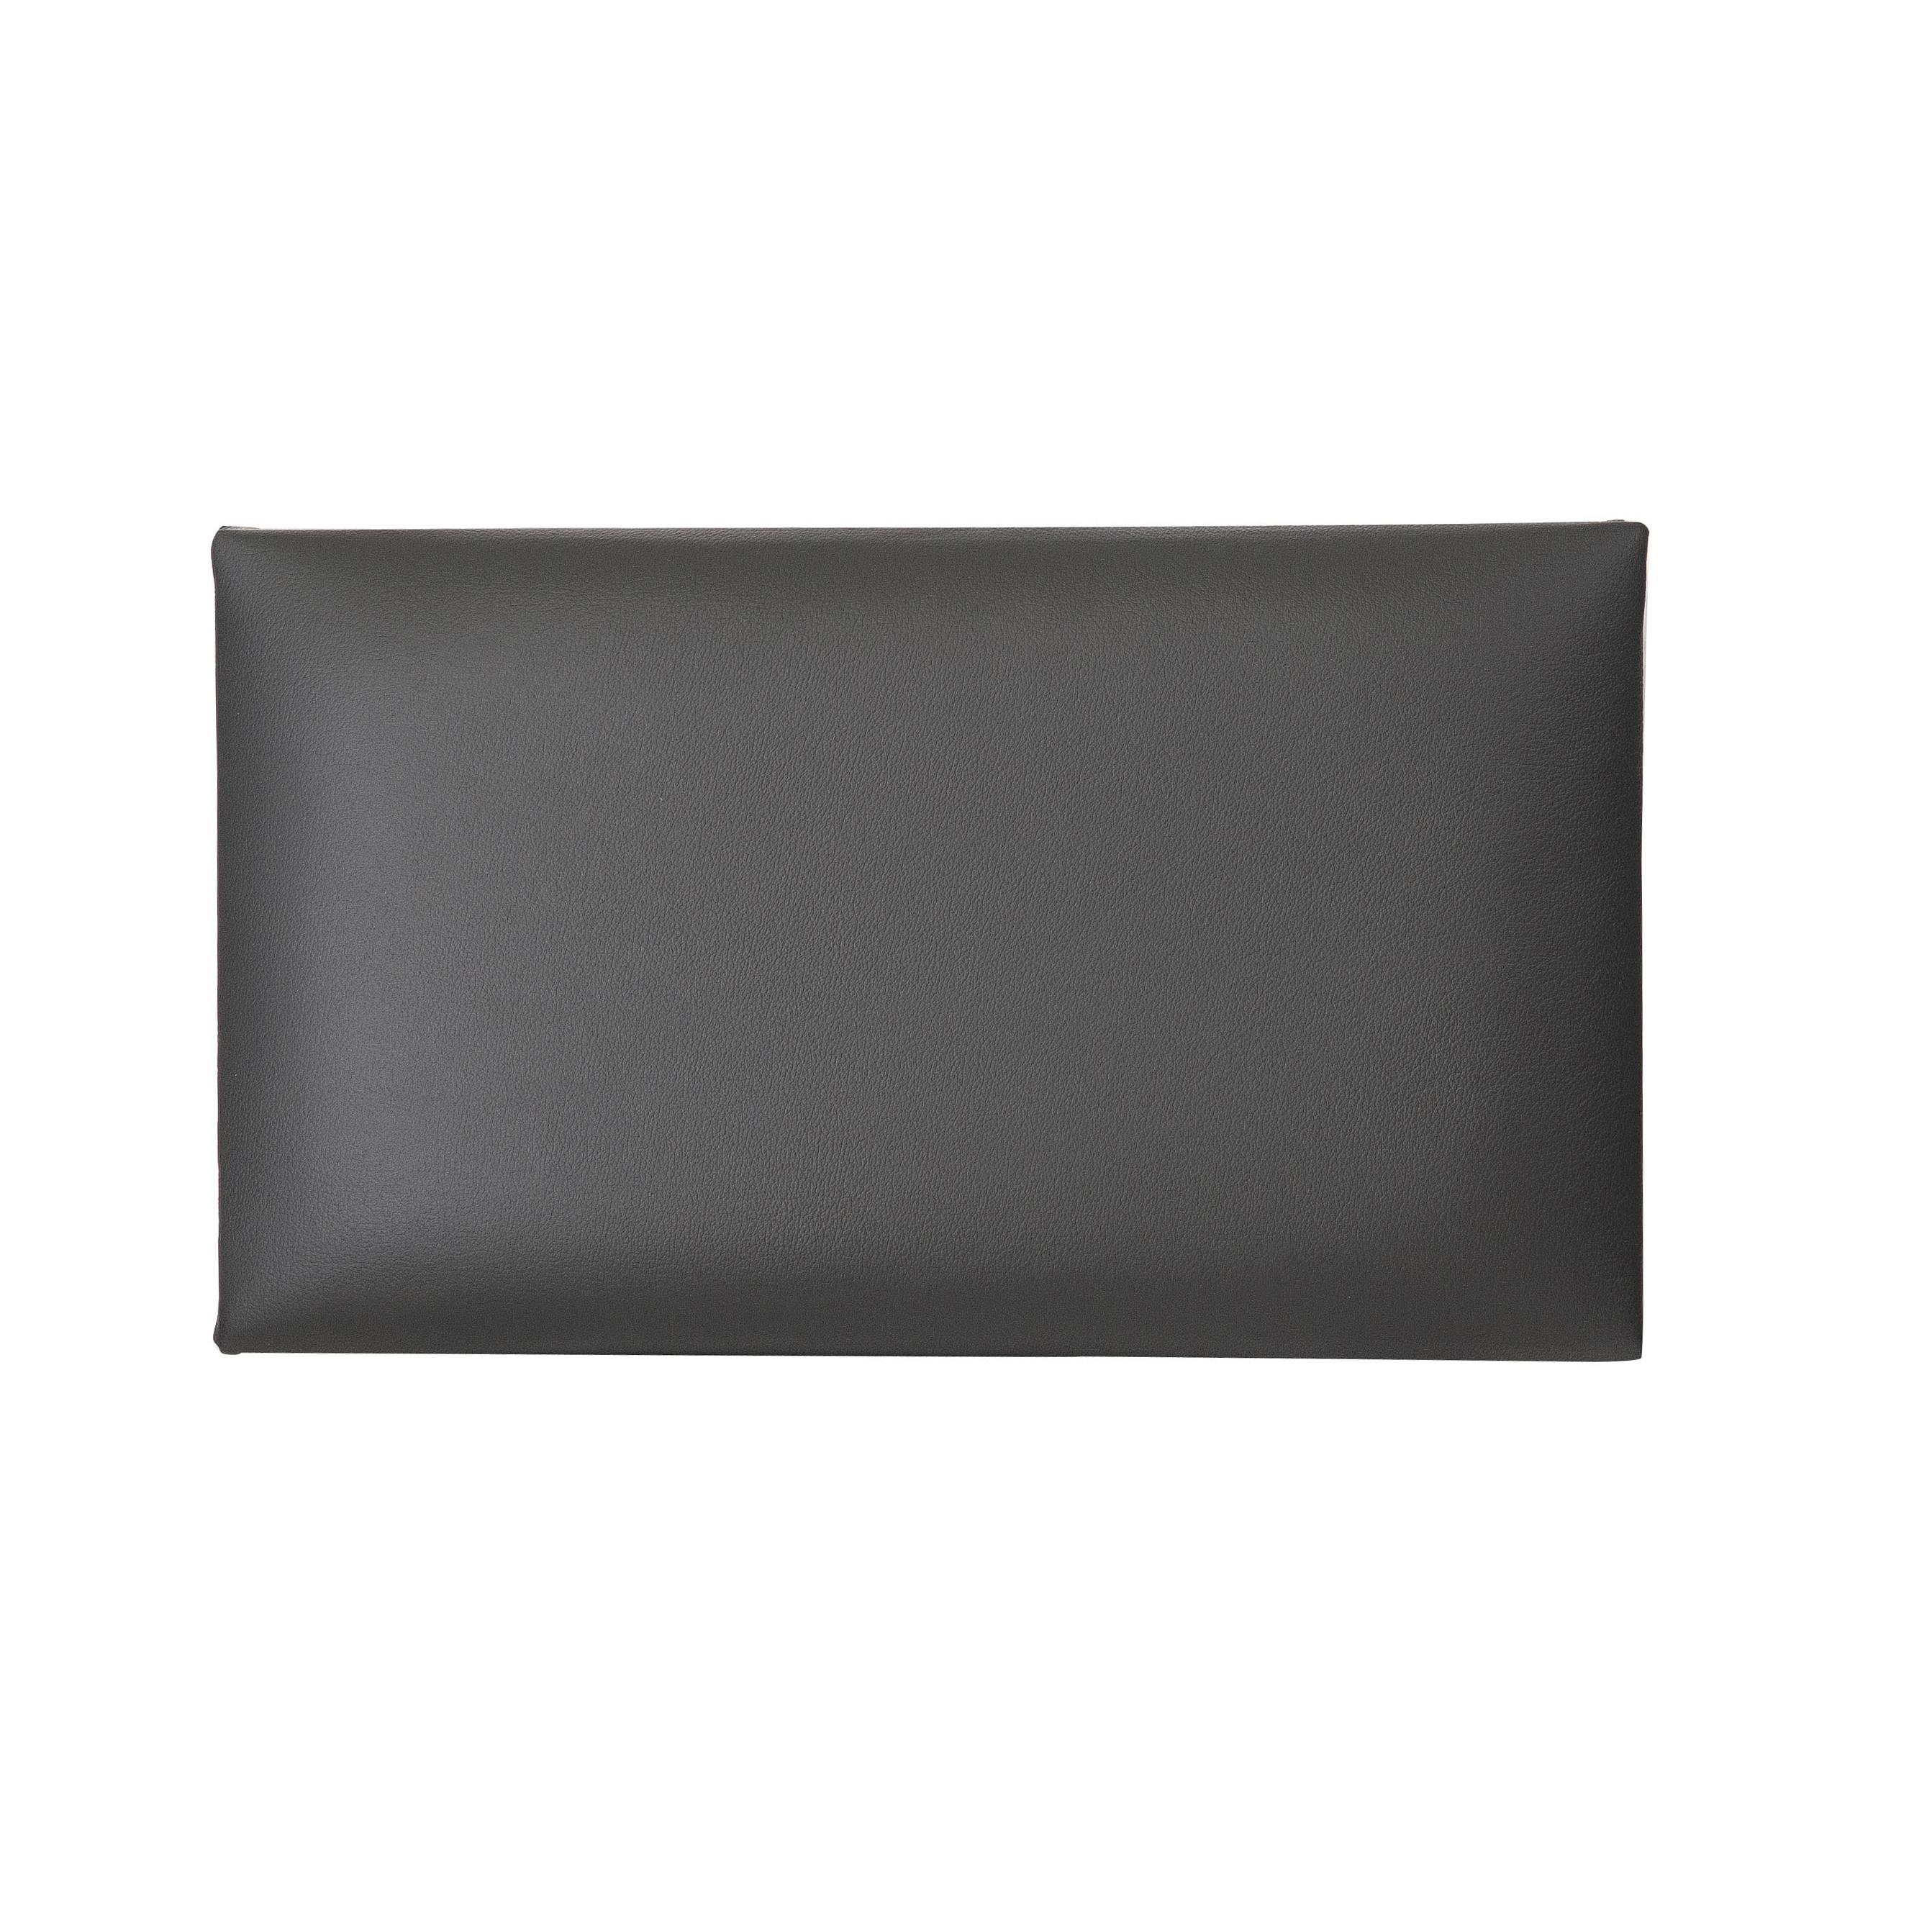 K&M Klavierbank Sitzpolster Echtleder schwarz